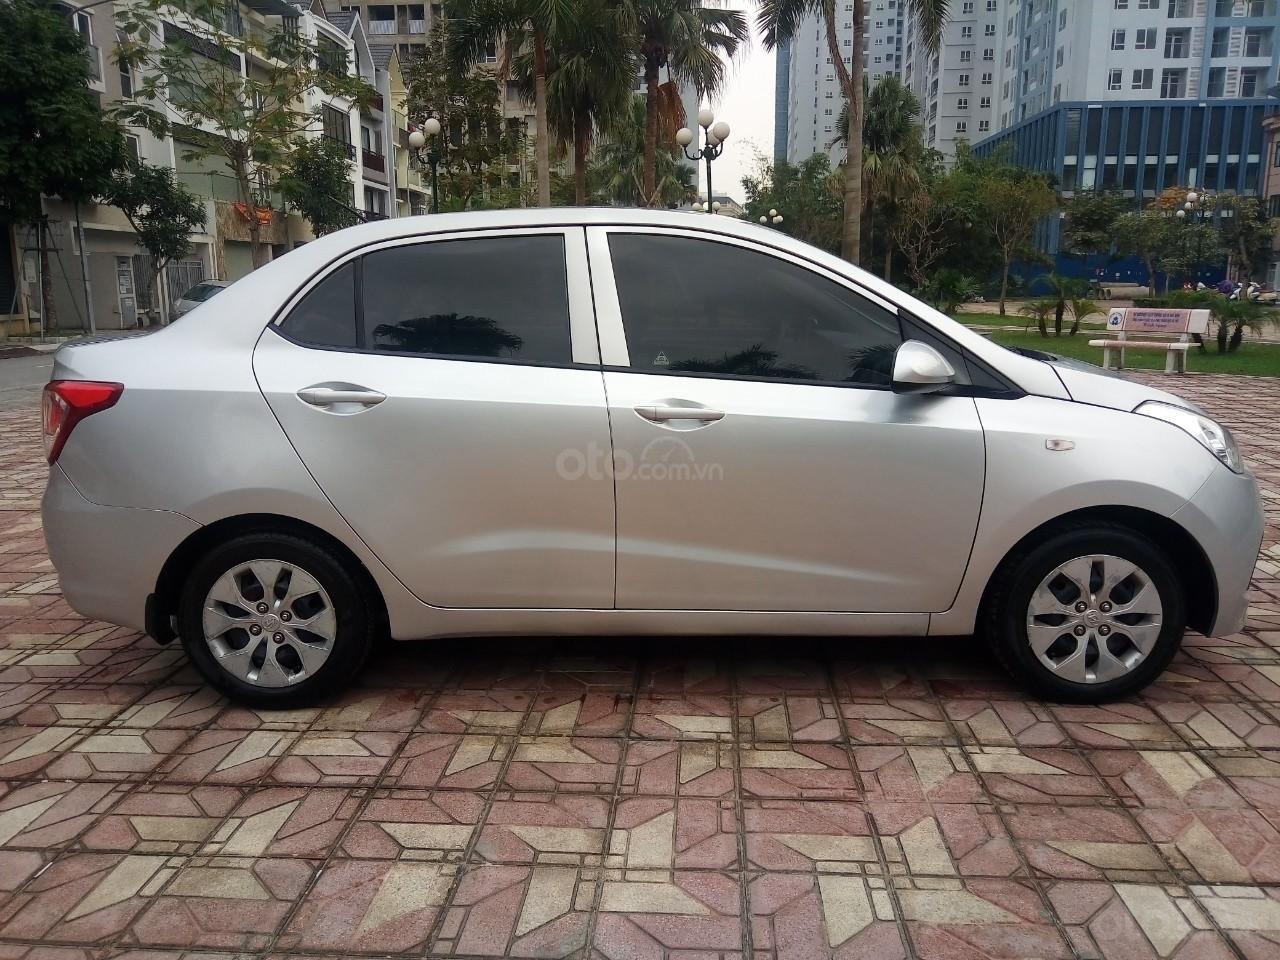 Cần bán Hyundai Grand i10 đời 2015, màu bạc, xe nhập, giá 320tr-8